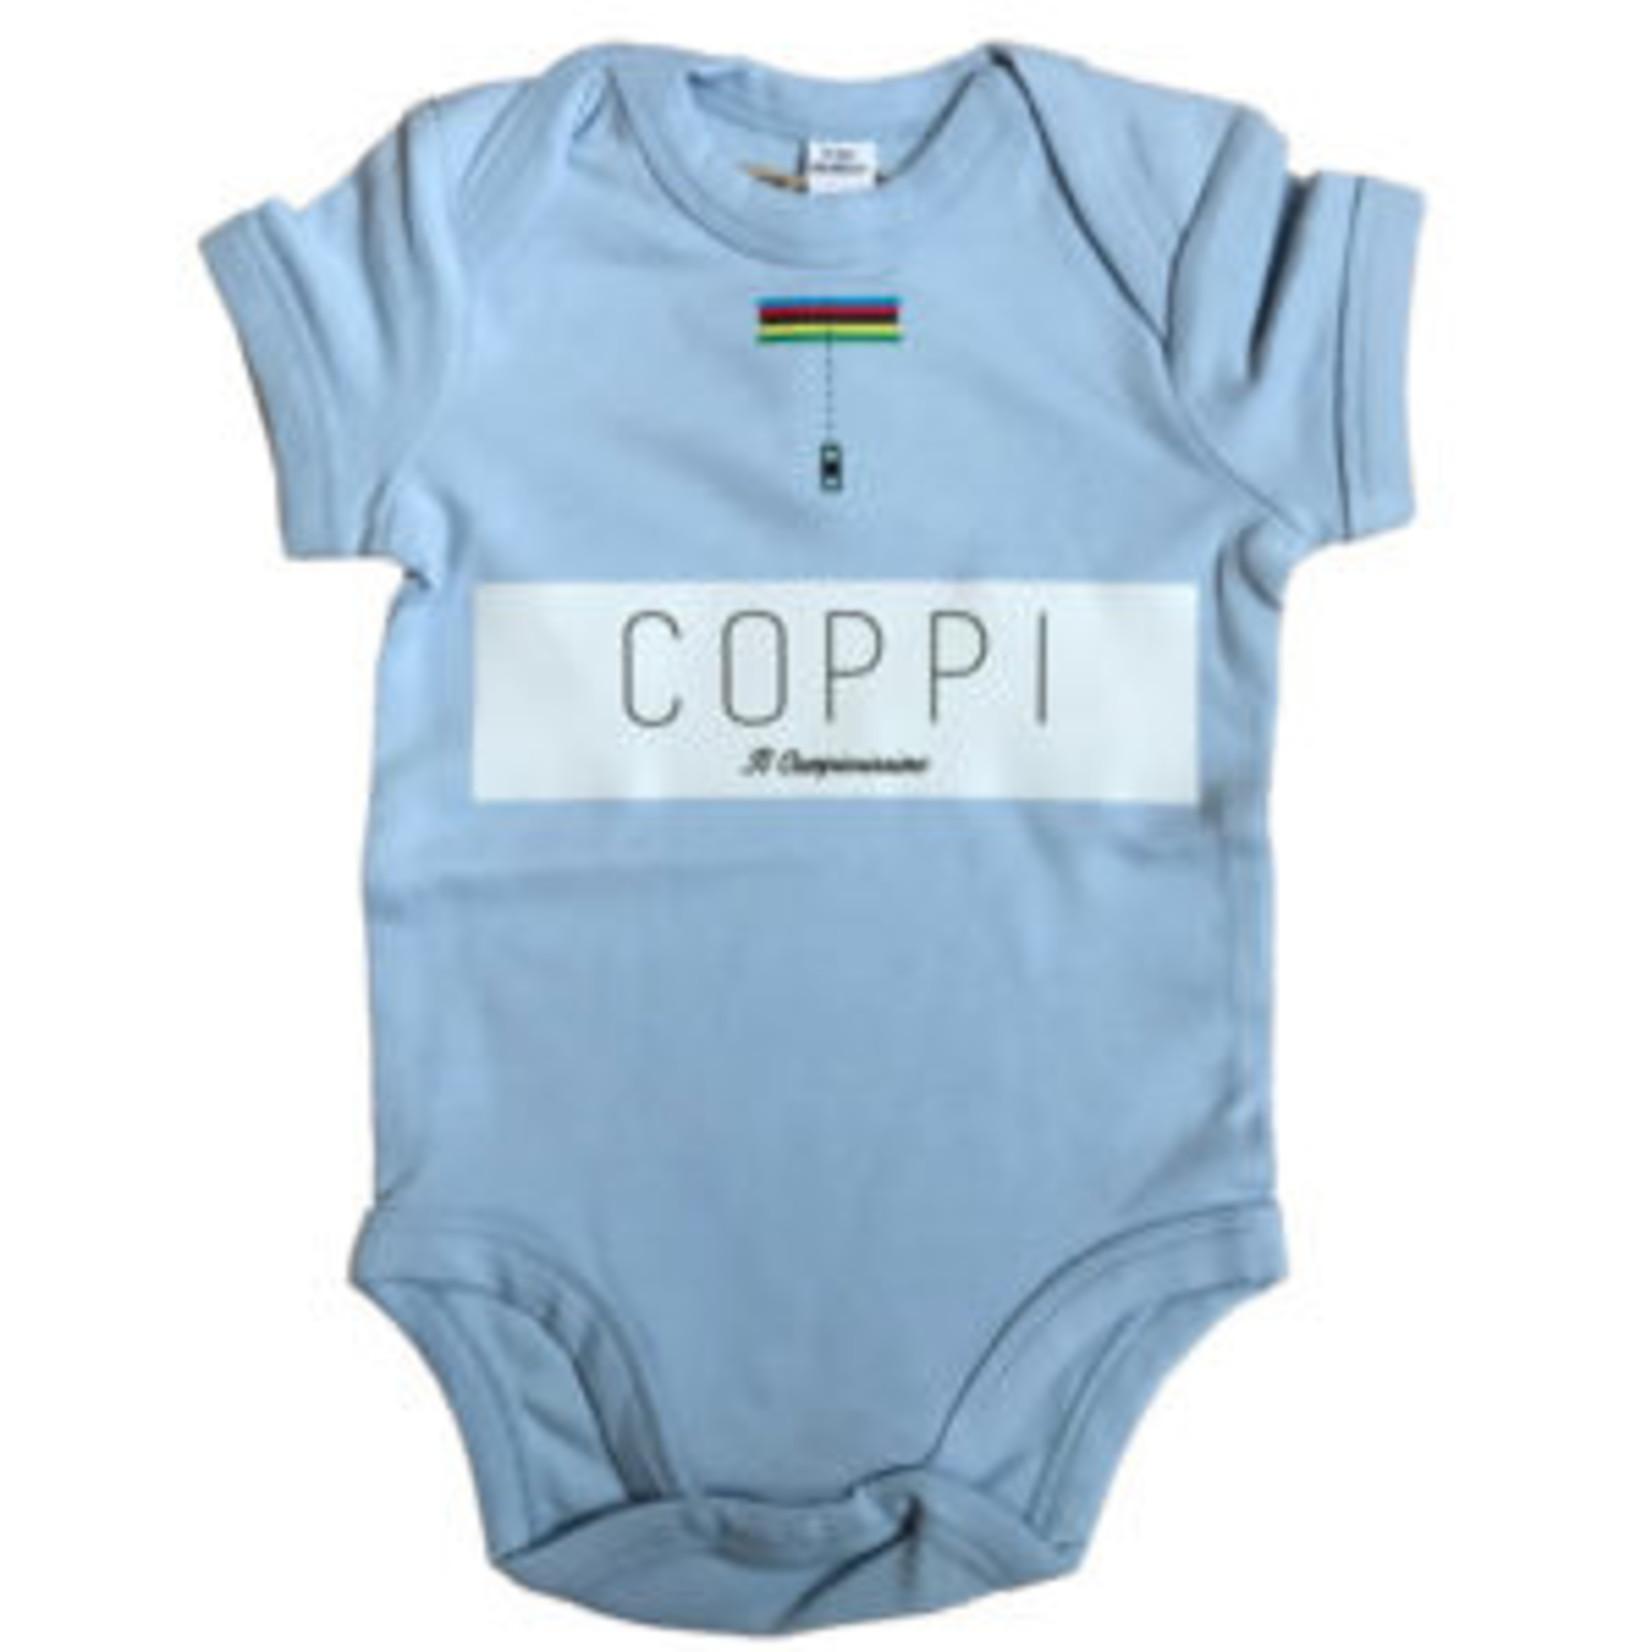 Babybody Coppi